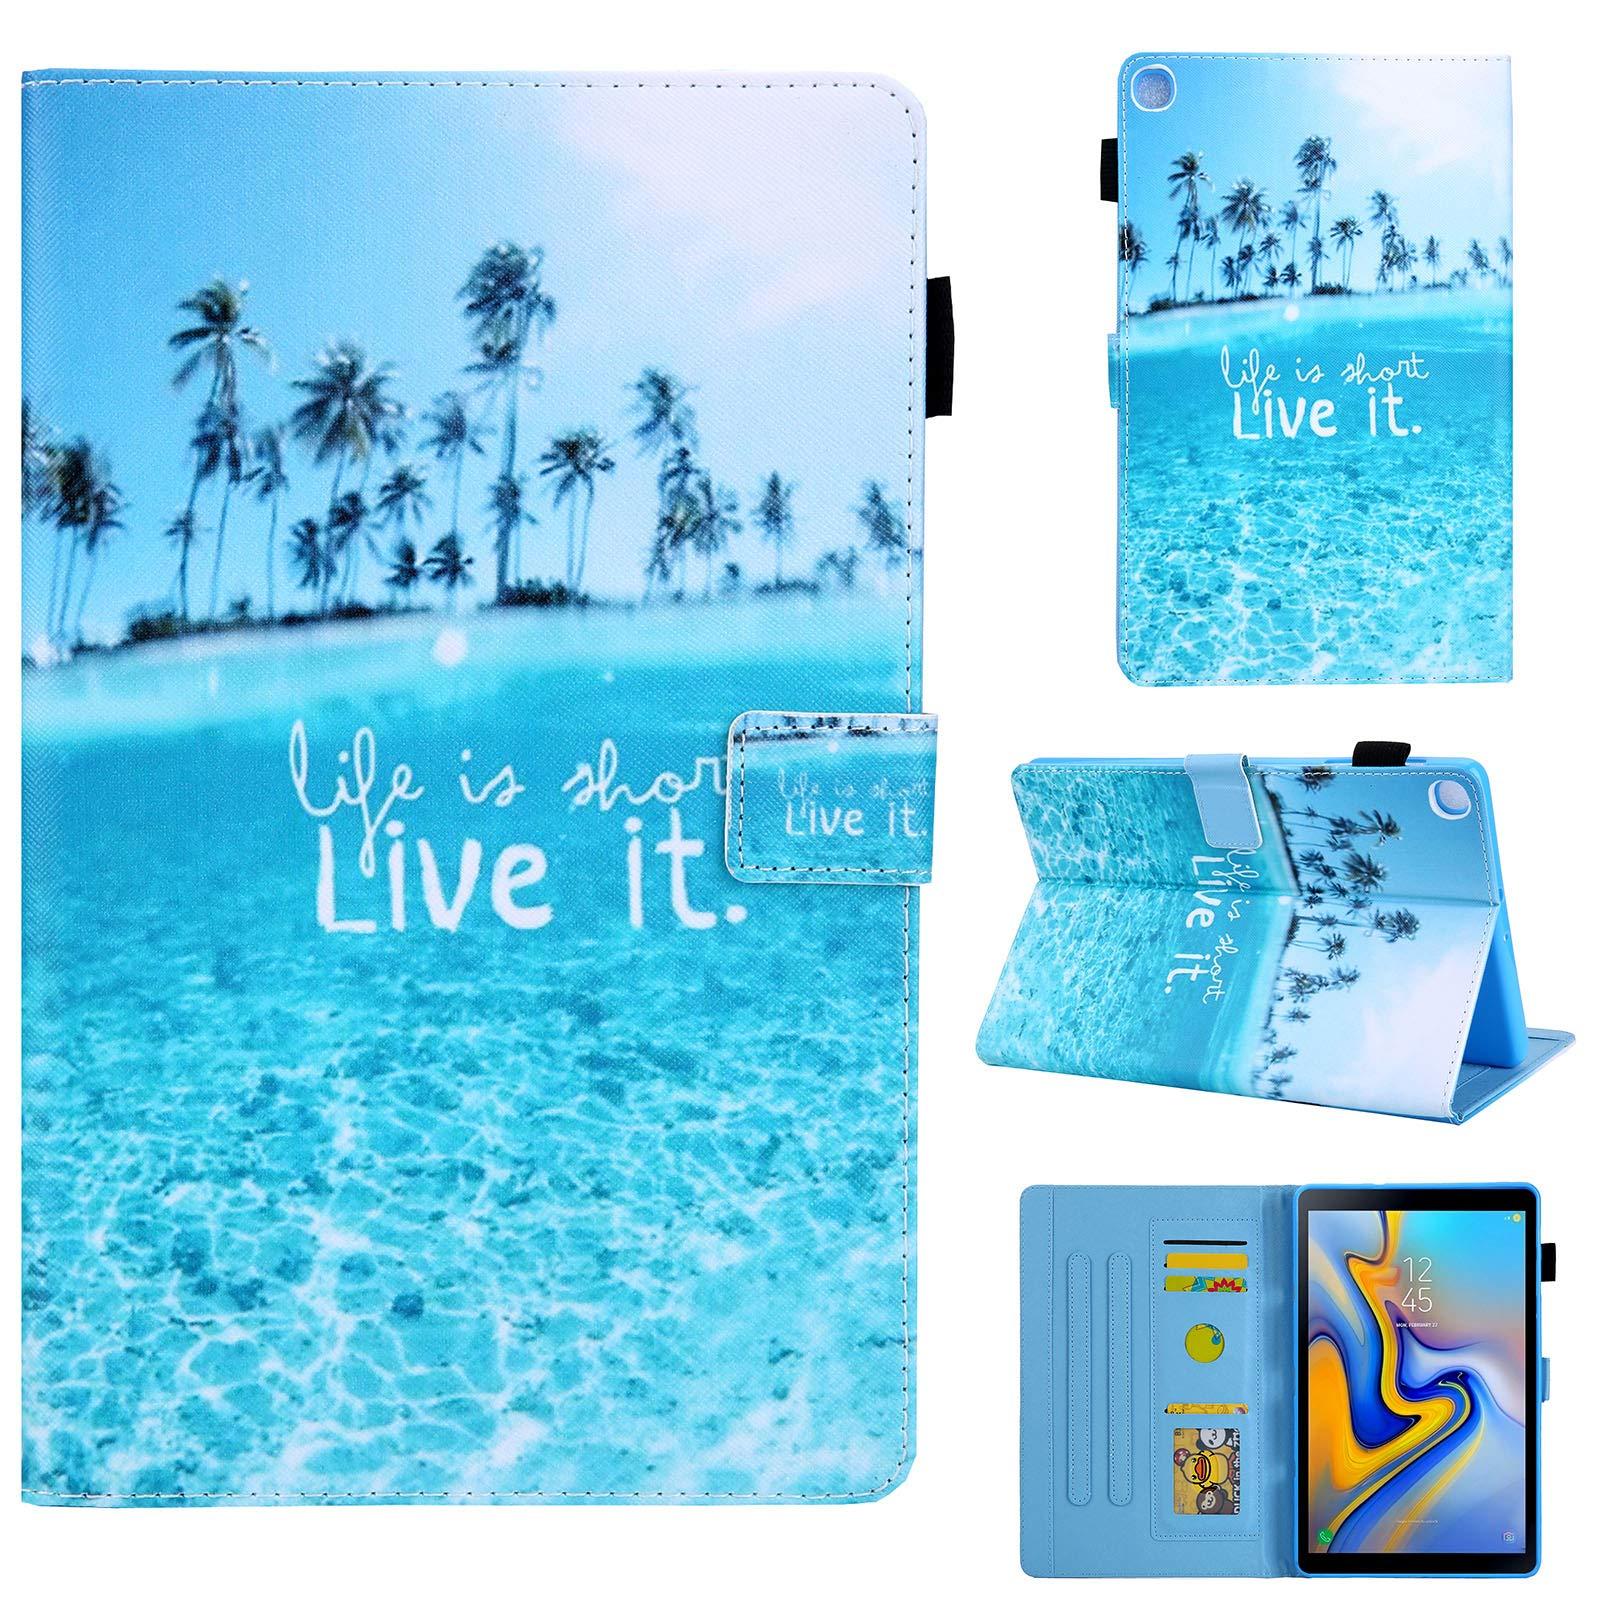 Funda Samsung Galaxy Tab A 10.1 SM-T510 (2019) ELEPOWER [7S3XRFCG]